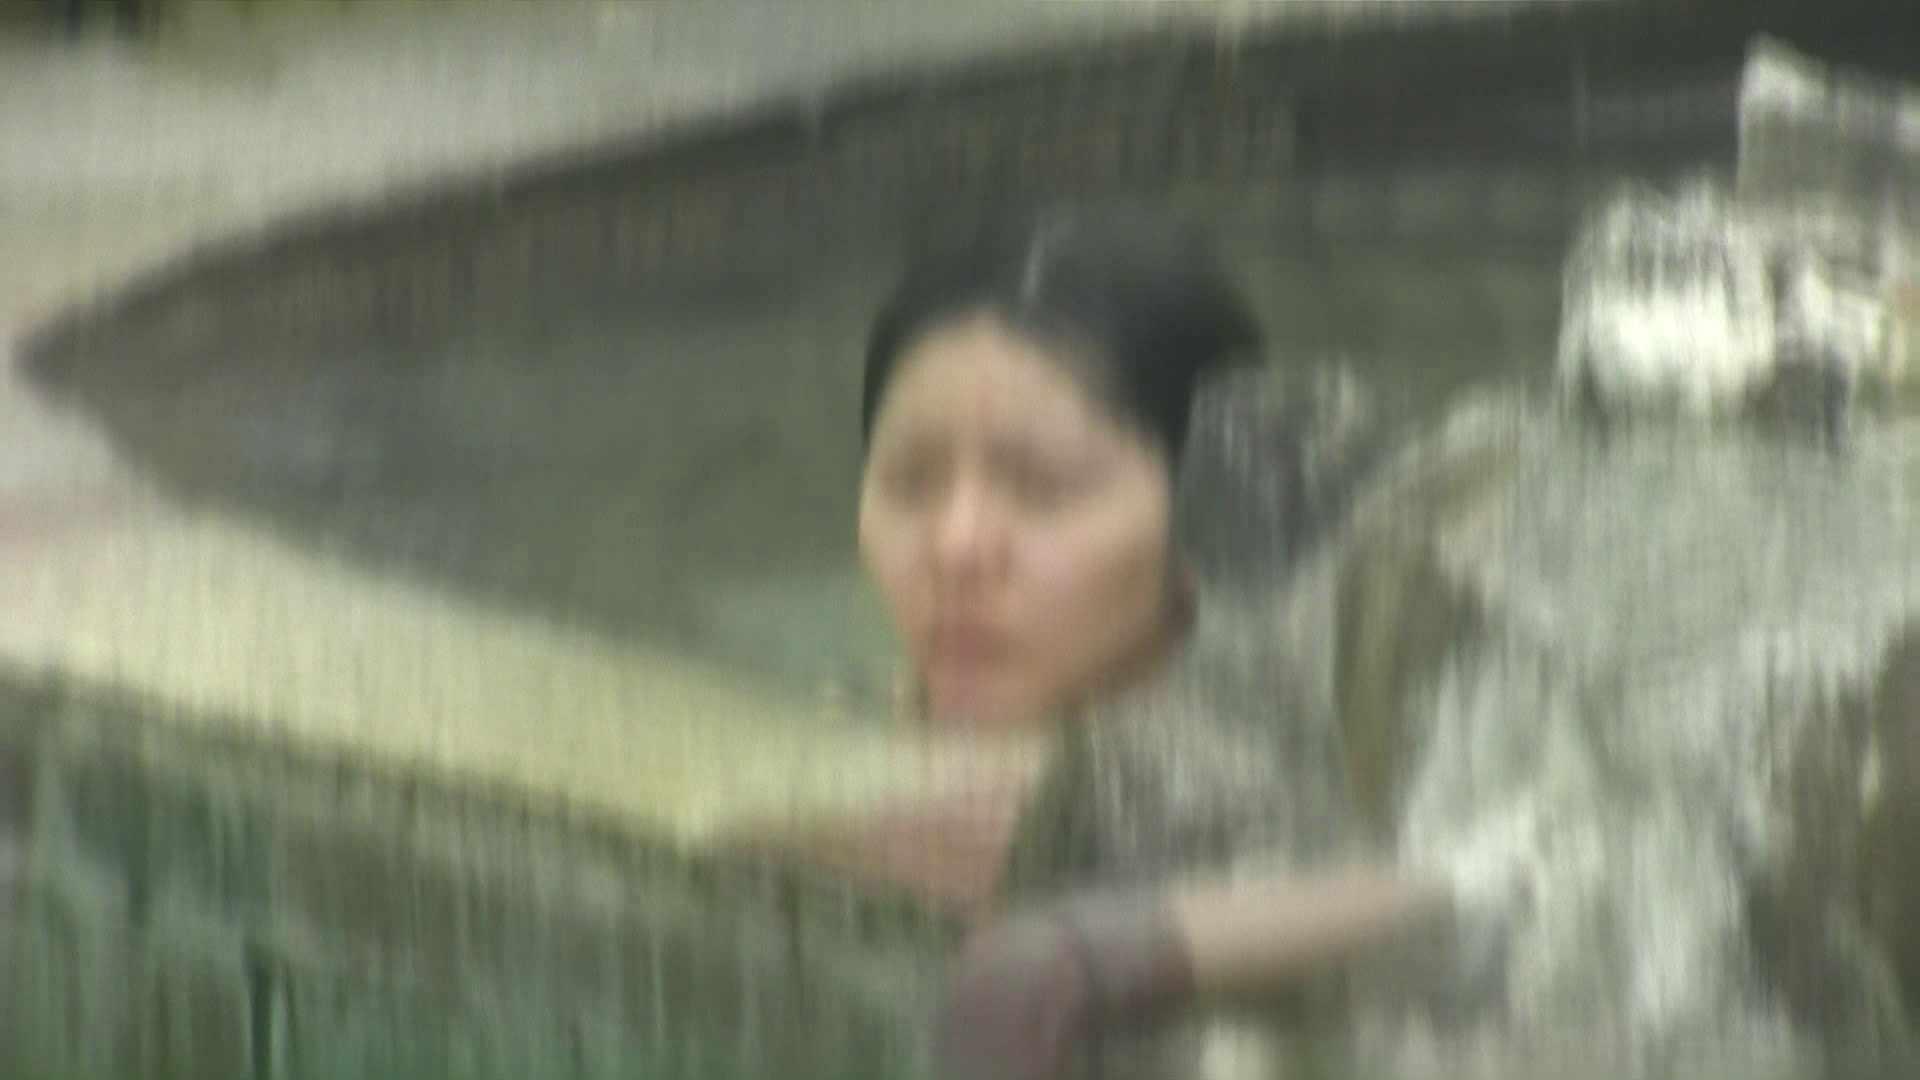 高画質露天女風呂観察 vol.040 乙女のエロ動画 濡れ場動画紹介 94PIX 52